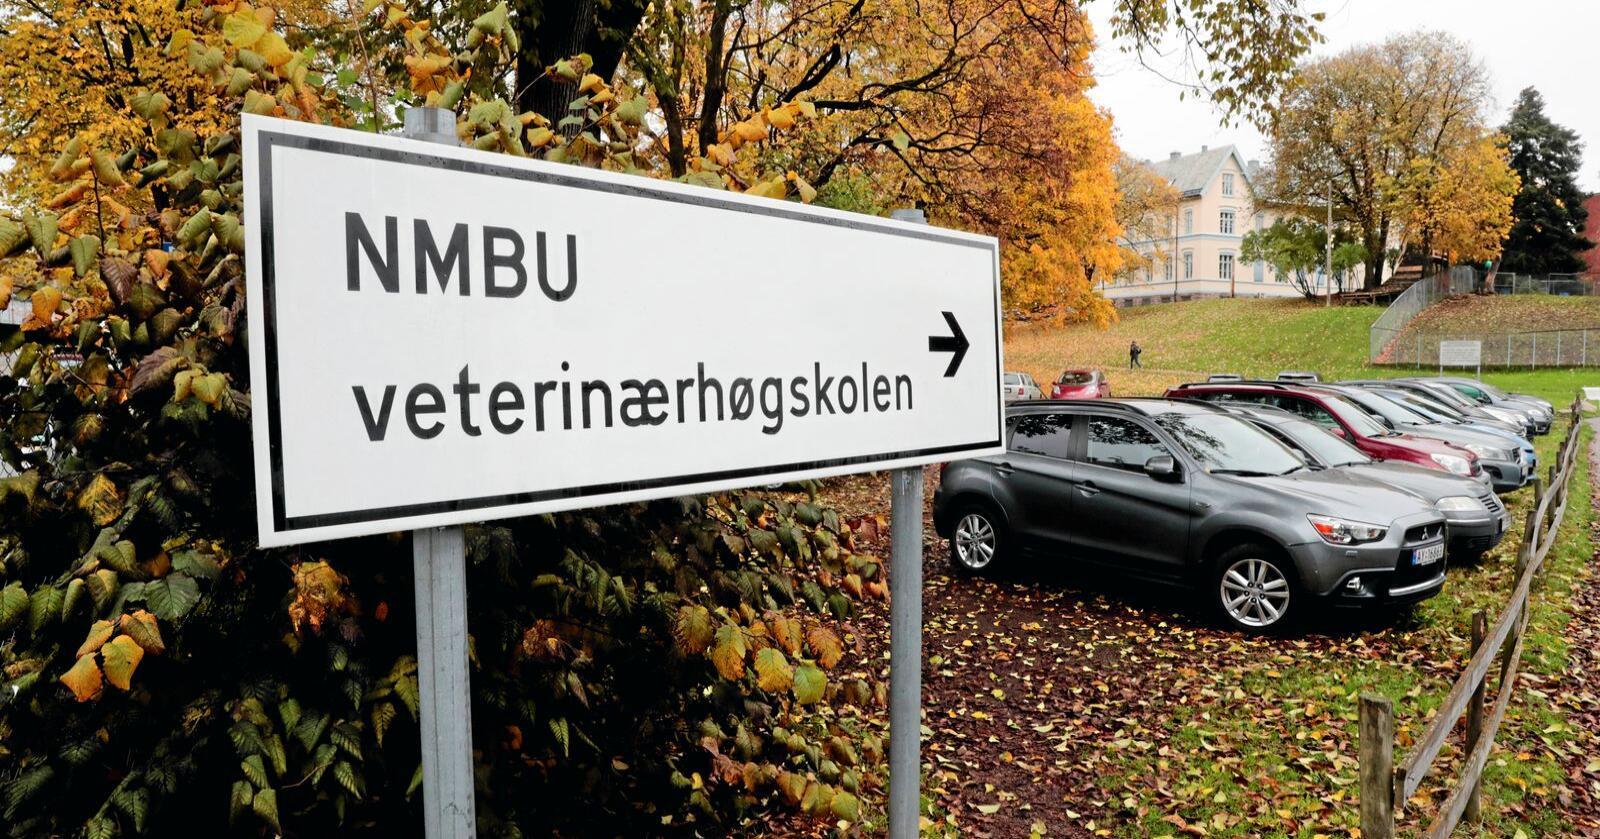 Antallet søkere til NMBU var i år rekordhøyt. Foto: Lise Åserud / NTB scanpix